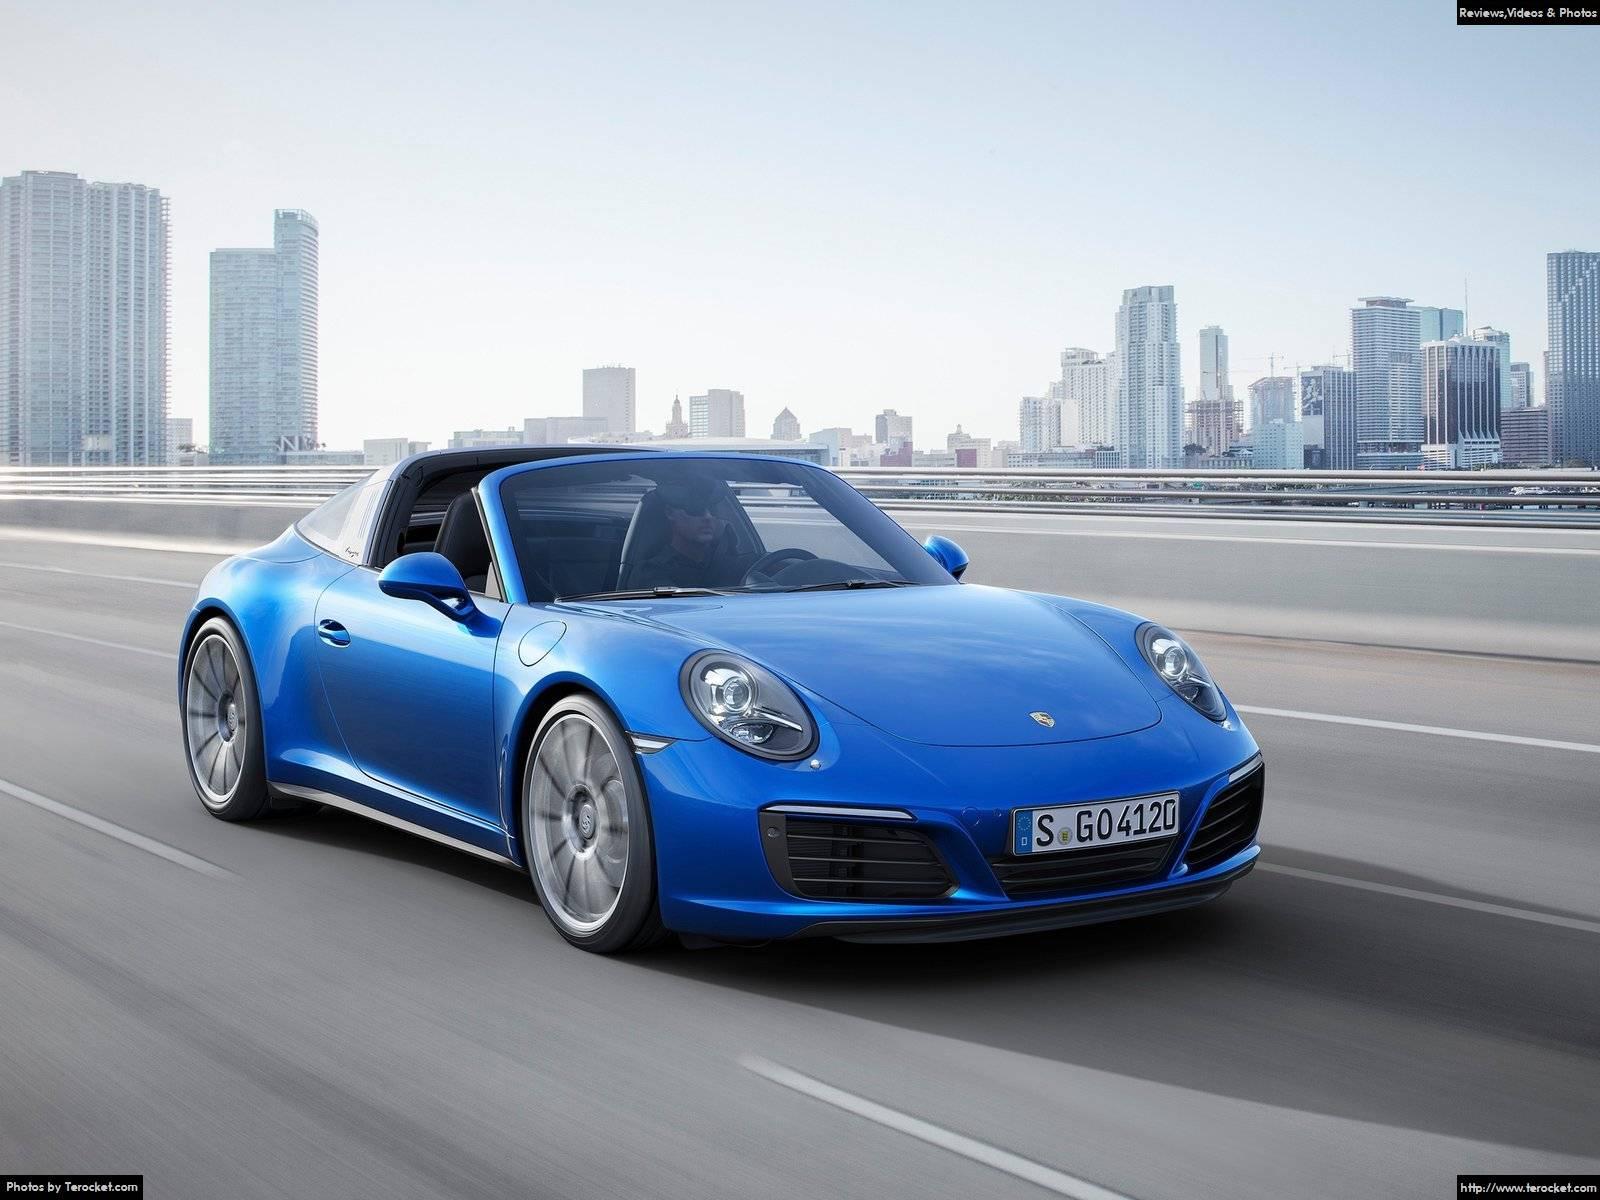 Hình ảnh xe ô tô Porsche 911 Targa 4 2016 & nội ngoại thất